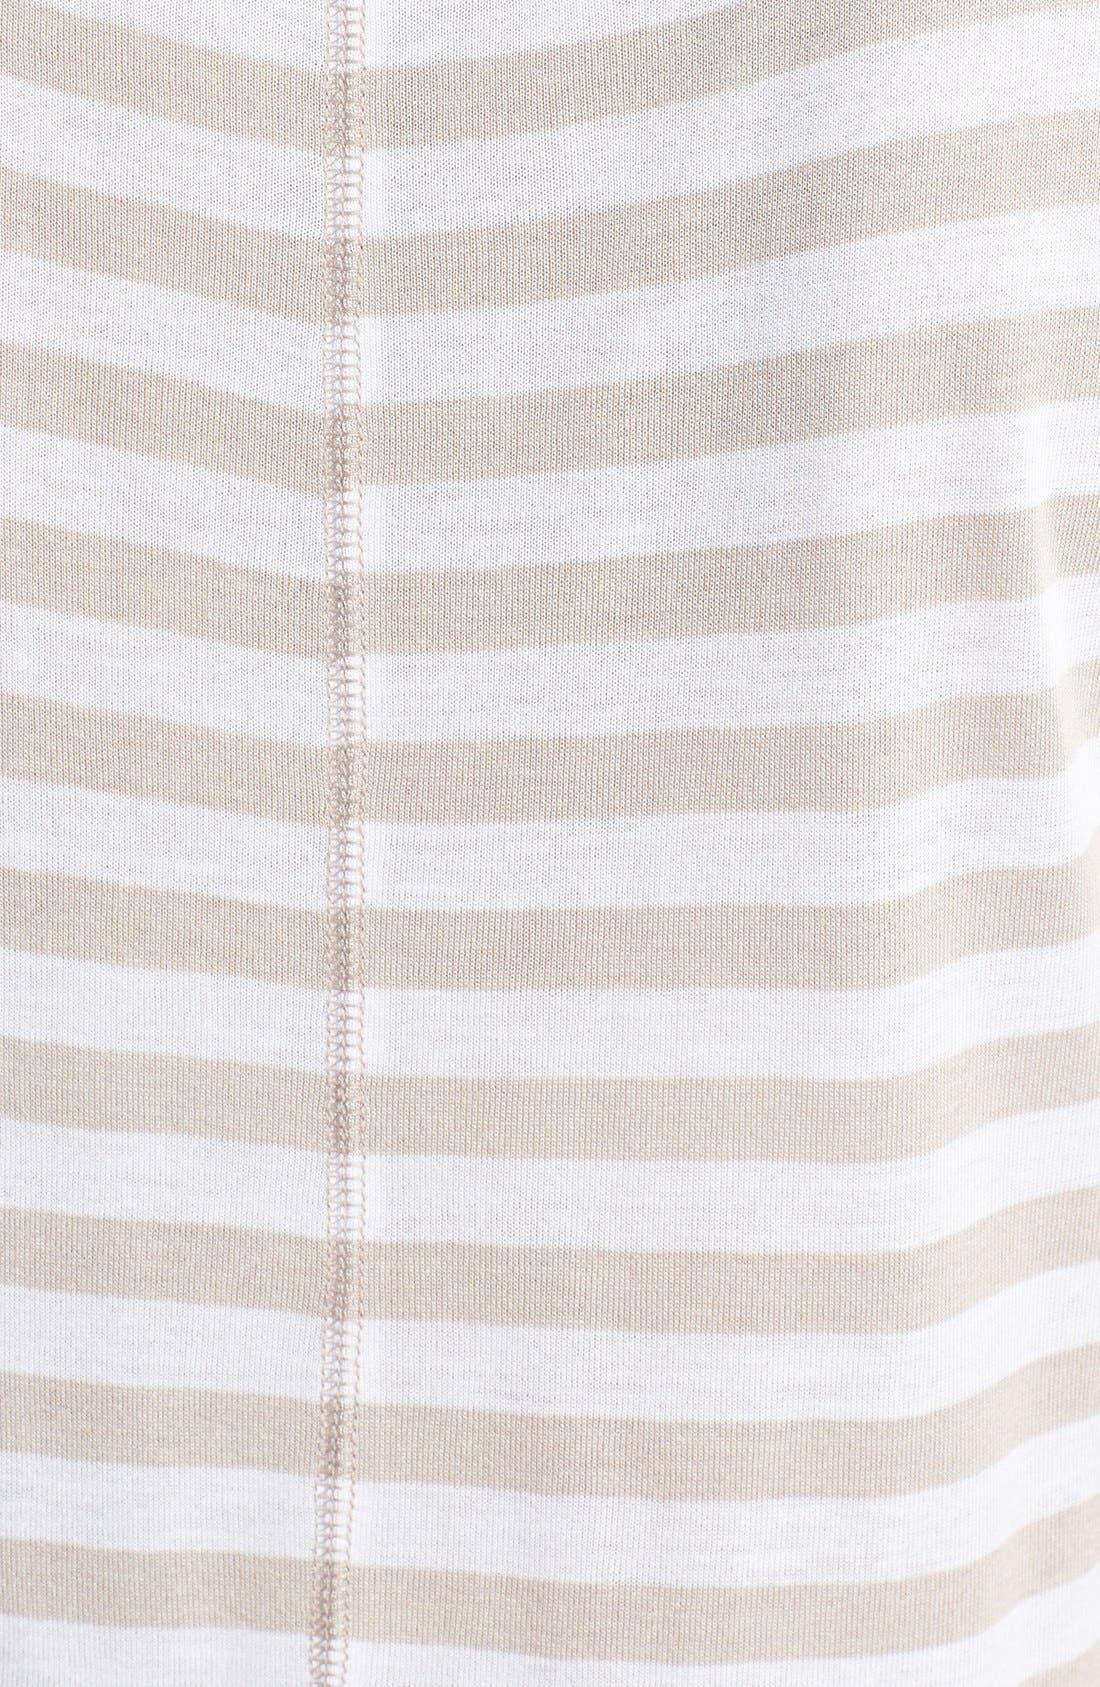 Alternate Image 3  - Halogen® Short Sleeve Scoop Neck Tee (Regular & Petite)